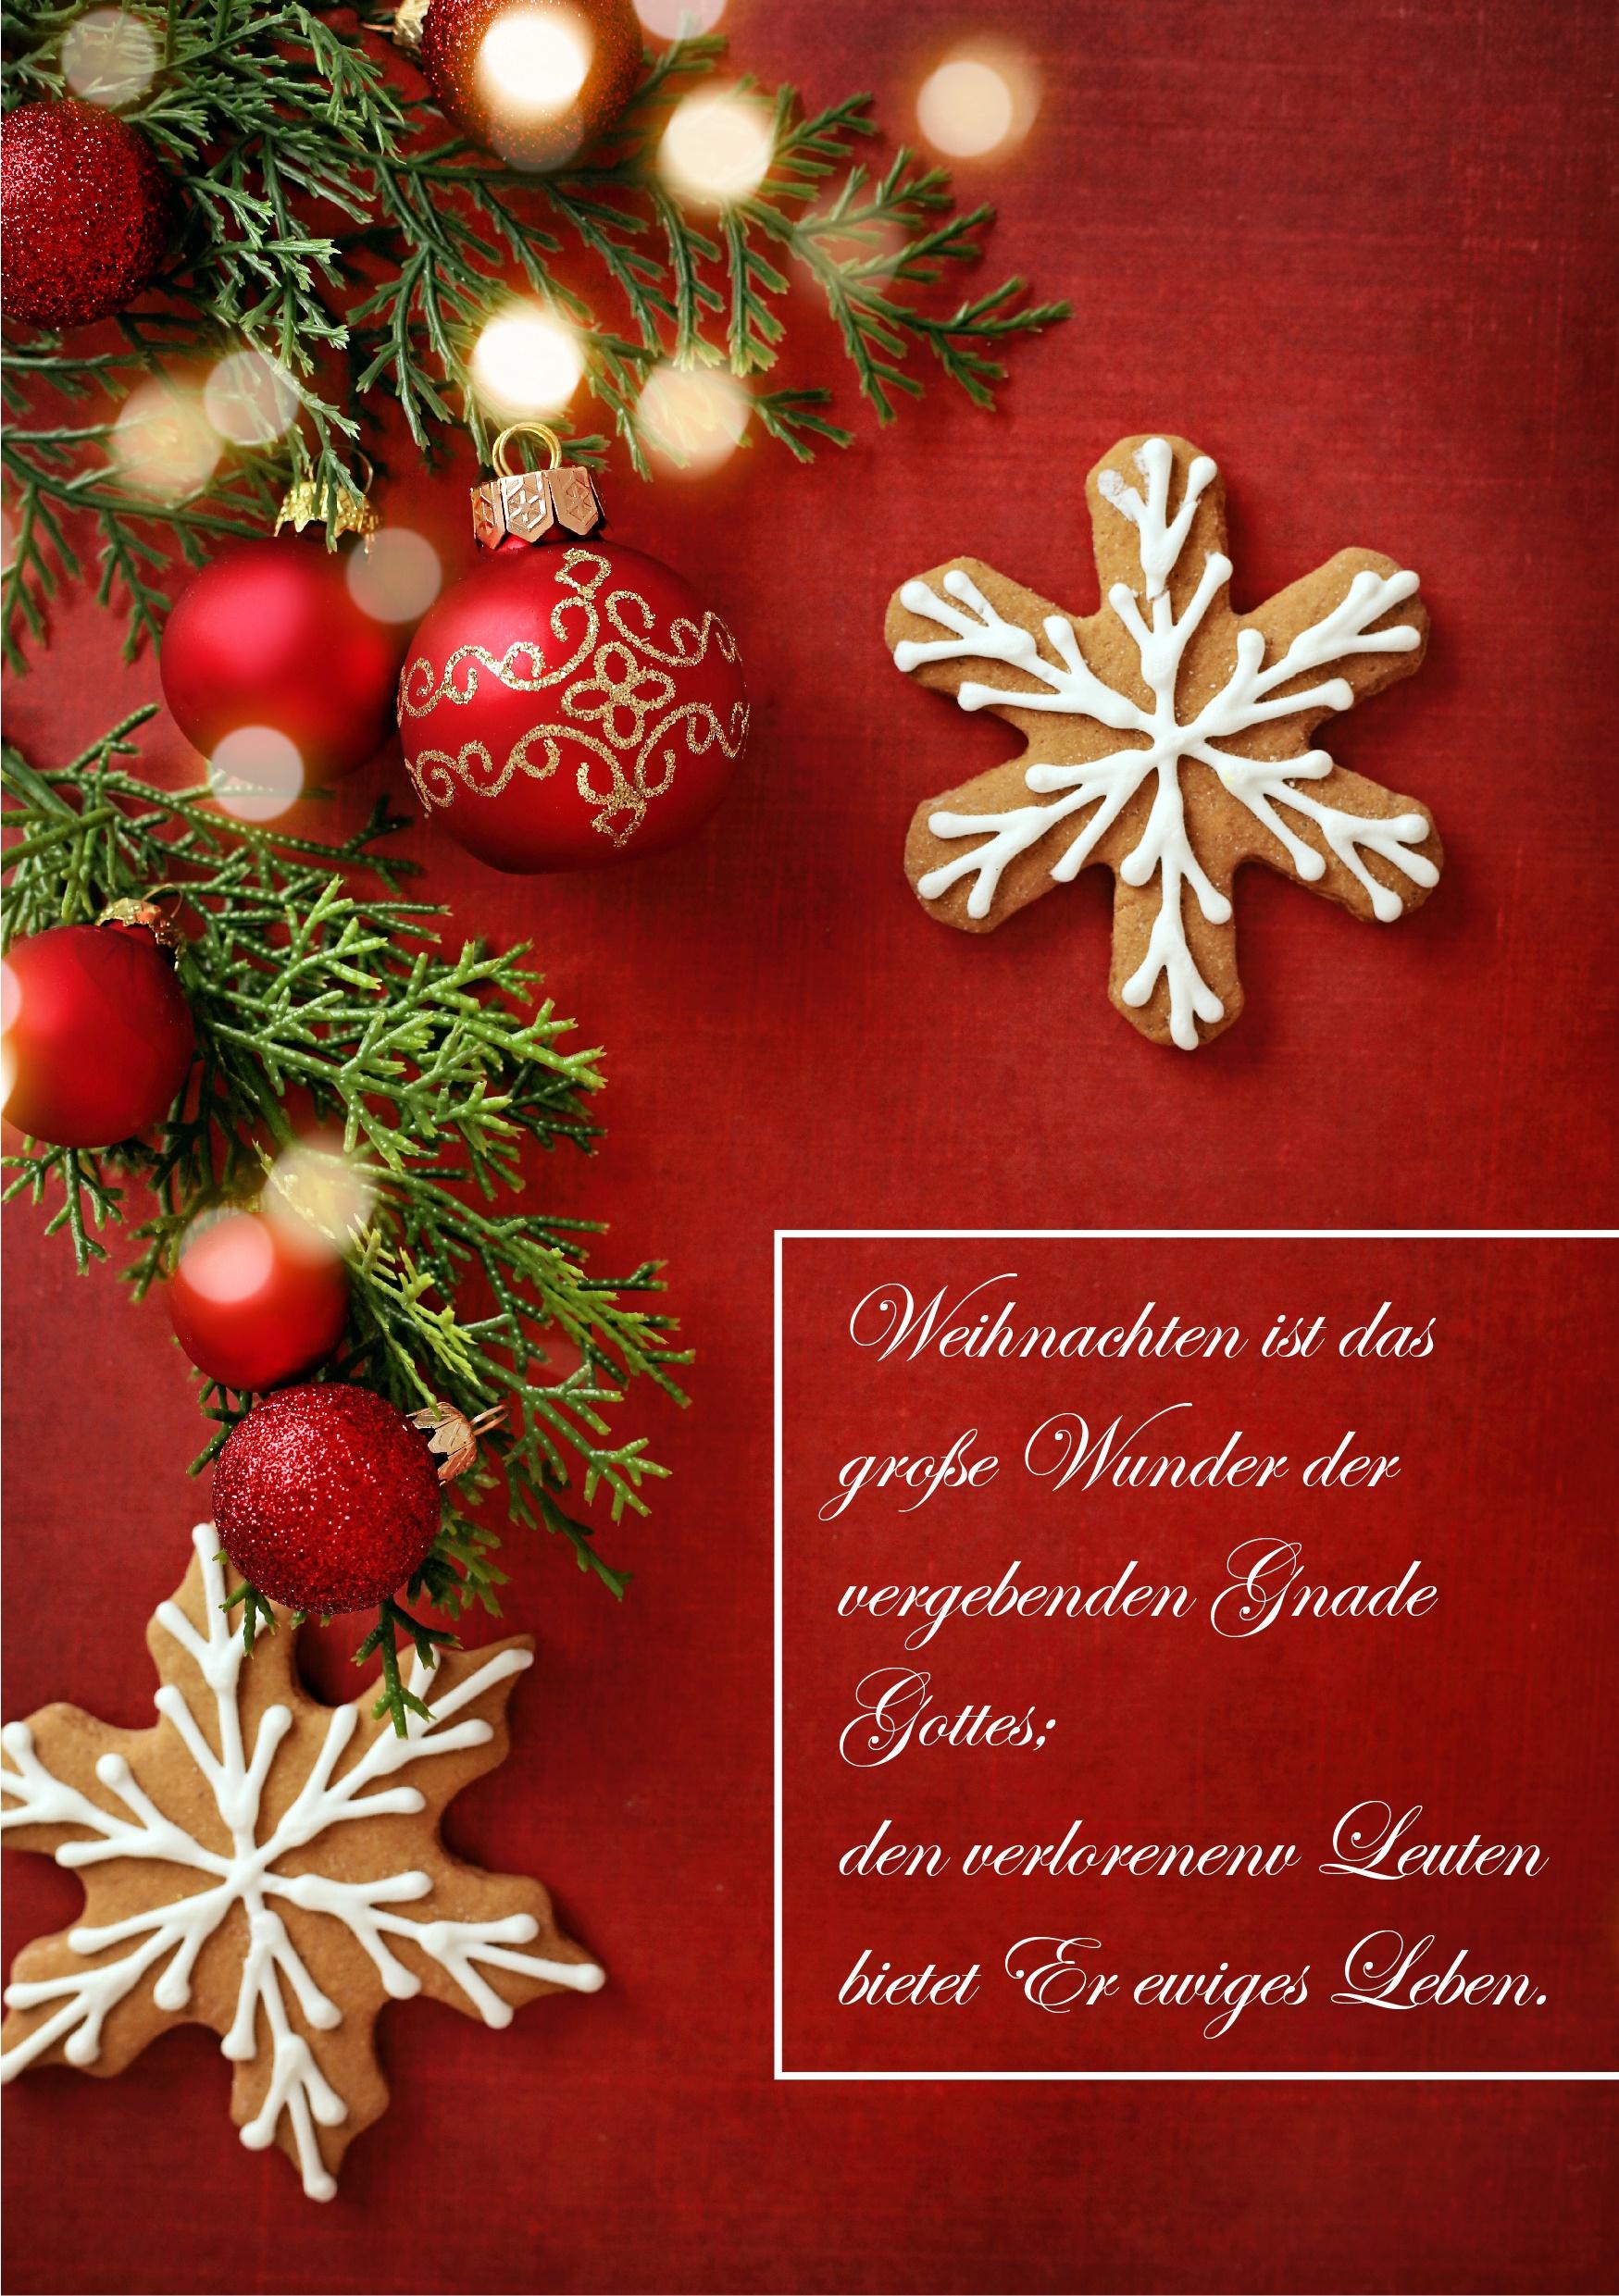 Einladung Zur Weihnachtsfeier: Vorlagen + Texte innen Weihnachtsgrüße Selbst Gestalten Kostenlos